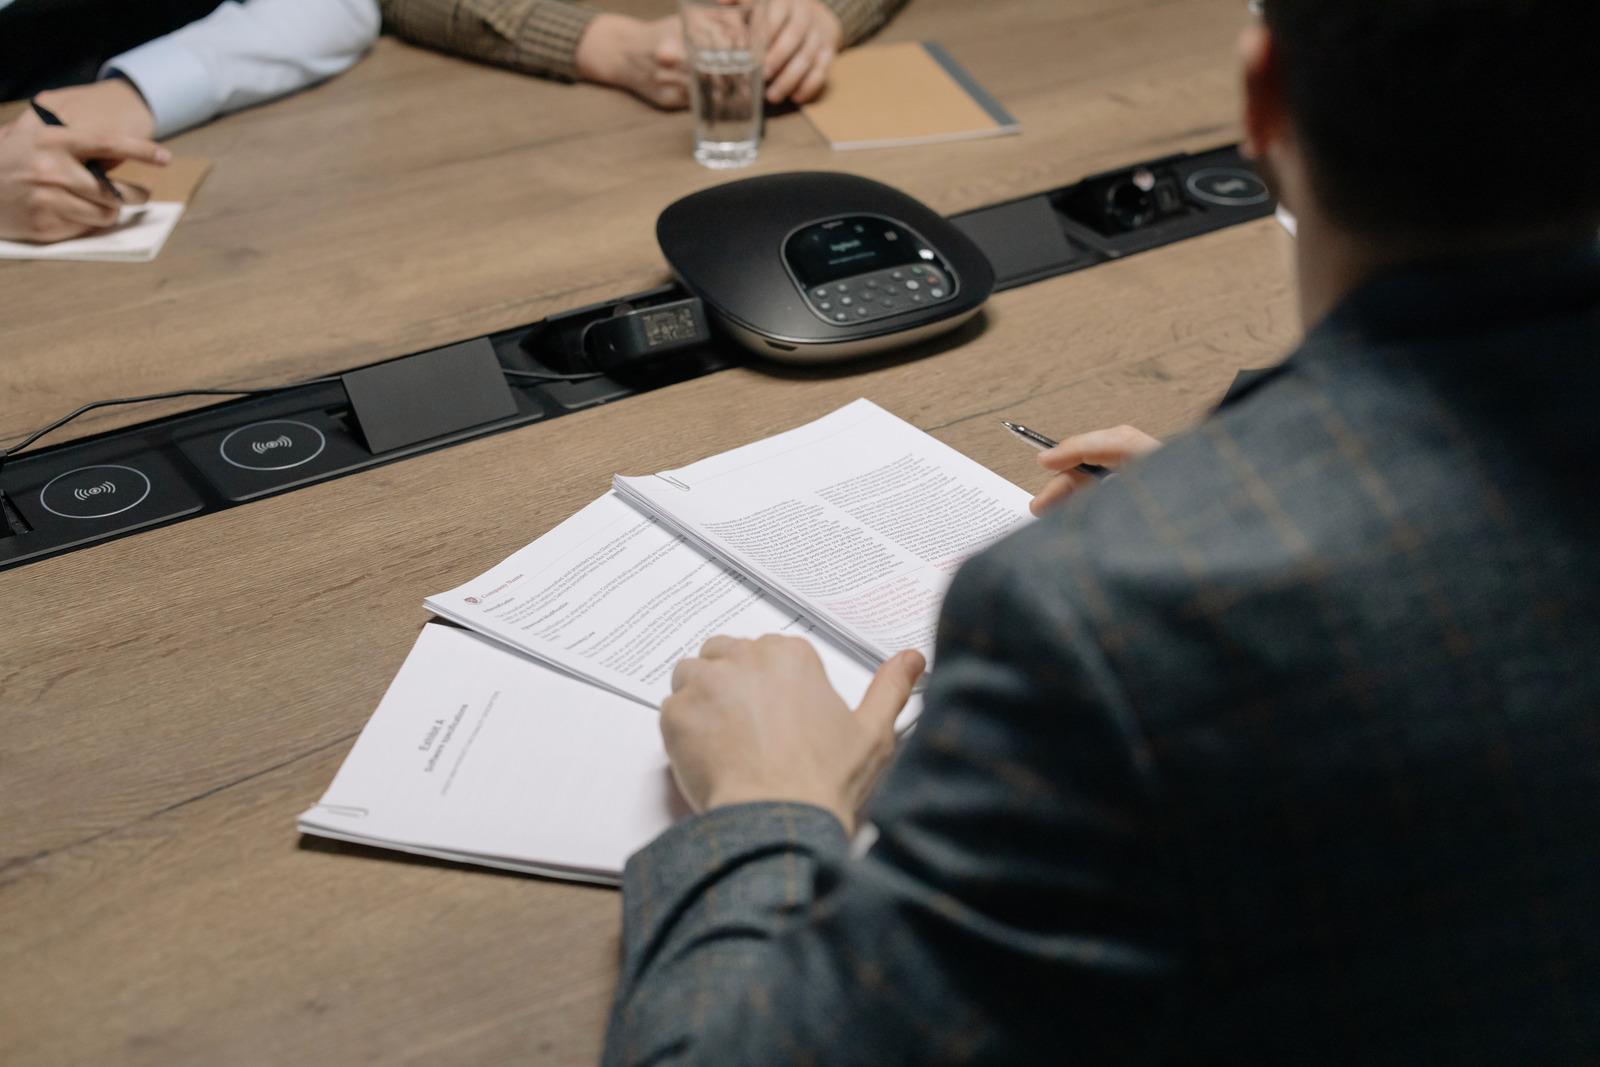 Зарегистрирован приказ Минздрава России, утвердивший временный порядок допуска к работе в 2021 году